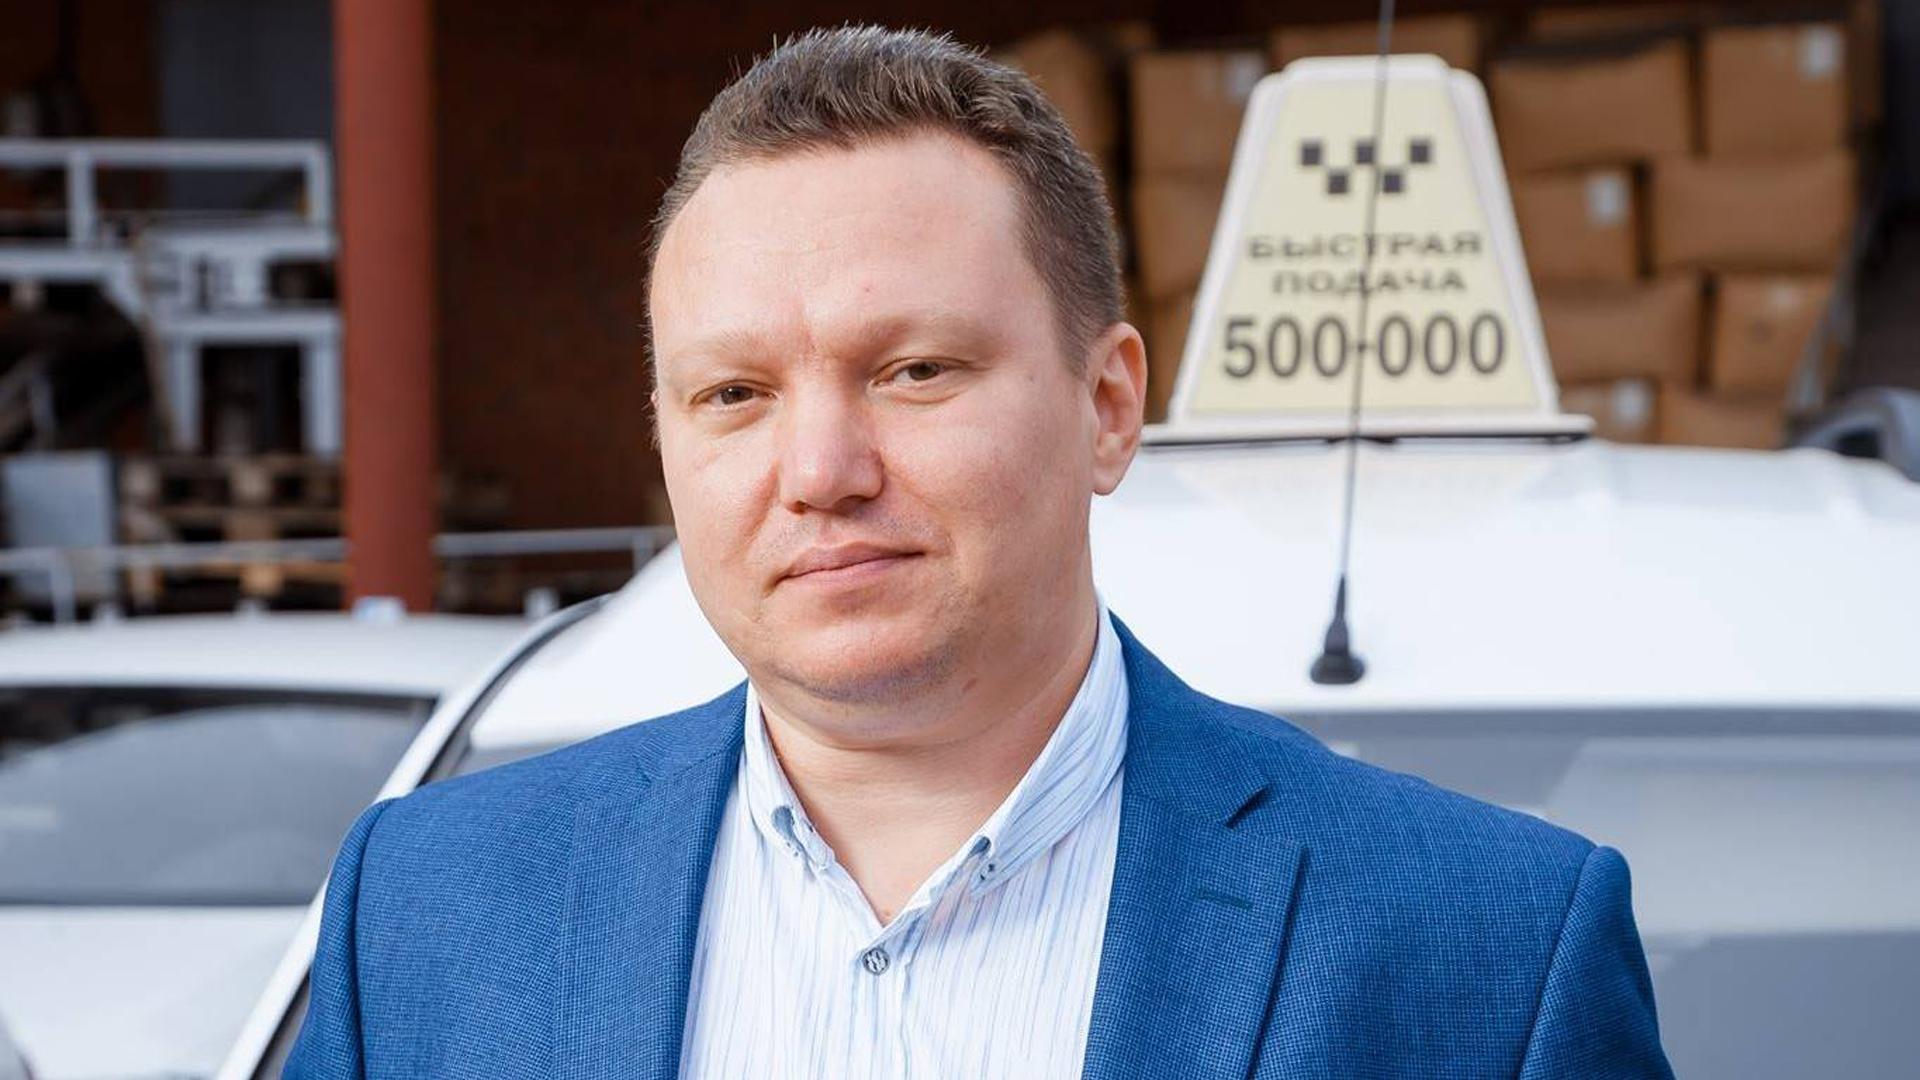 Поздравляем с днем рождения Ростислава Пыльцова